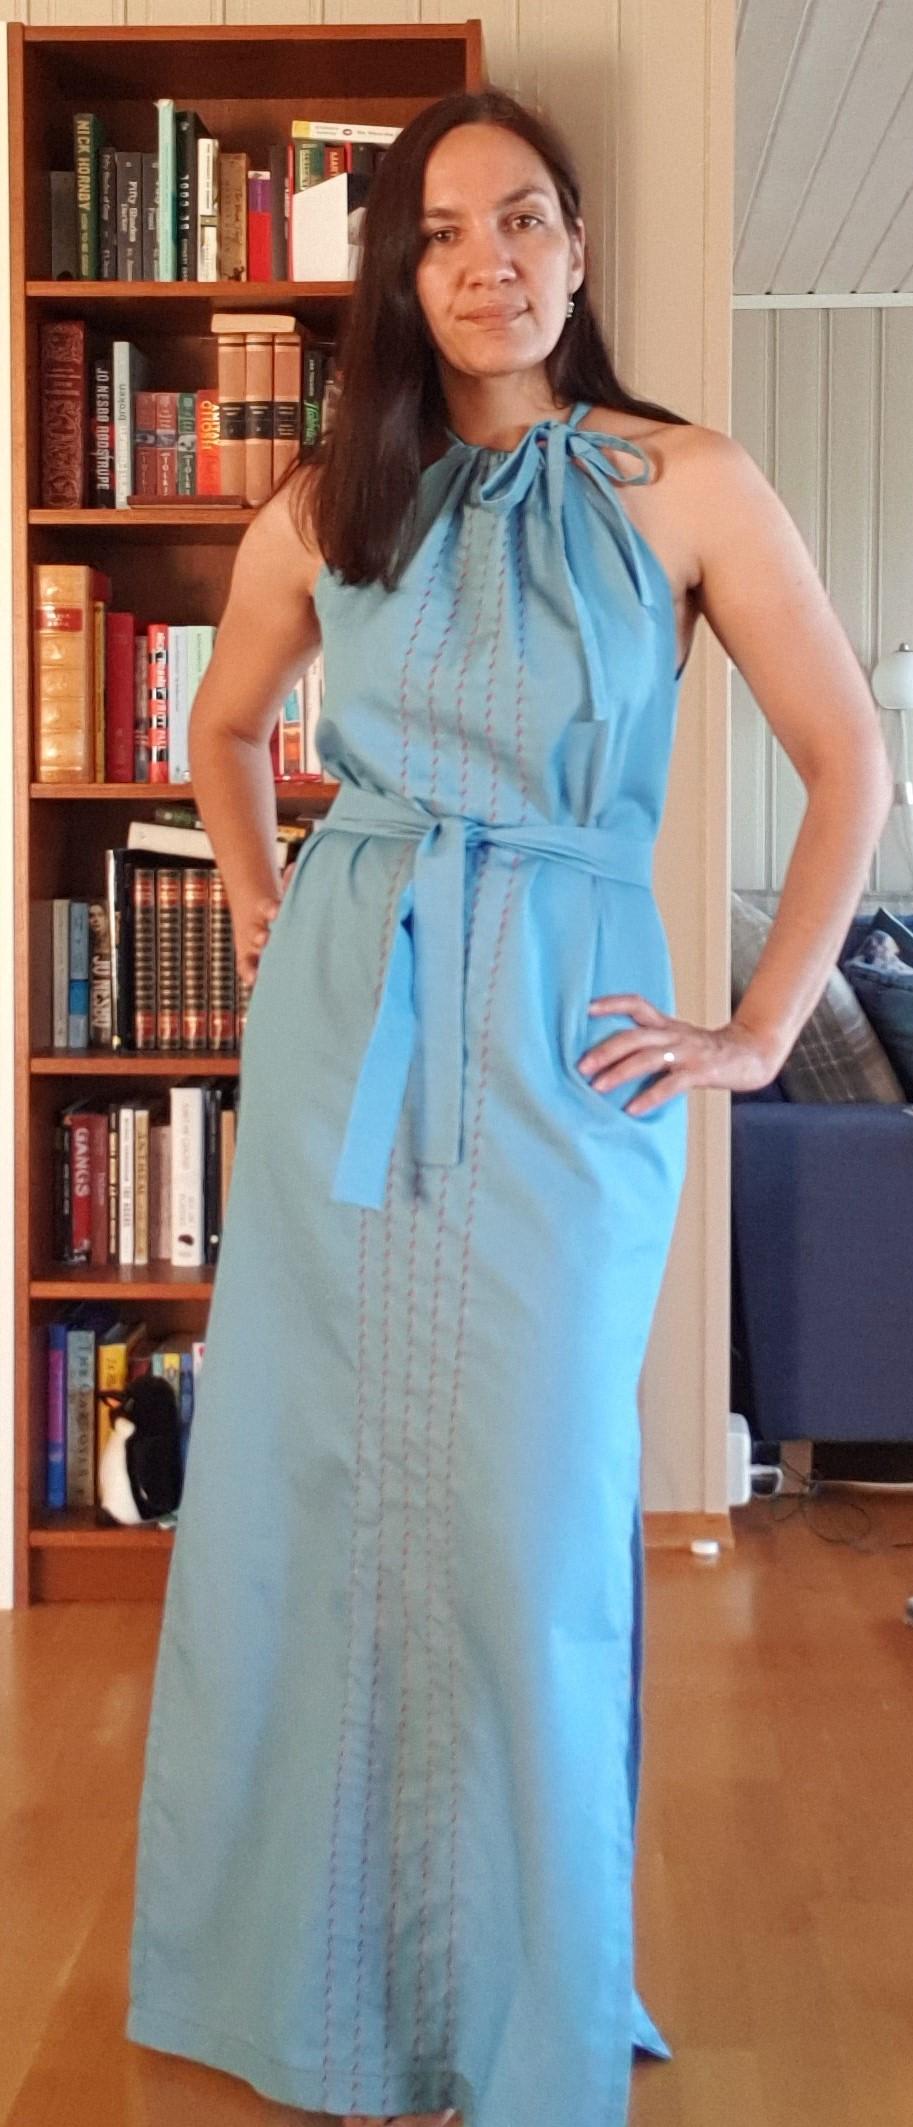 Viseu - Variant D - Lang kjole